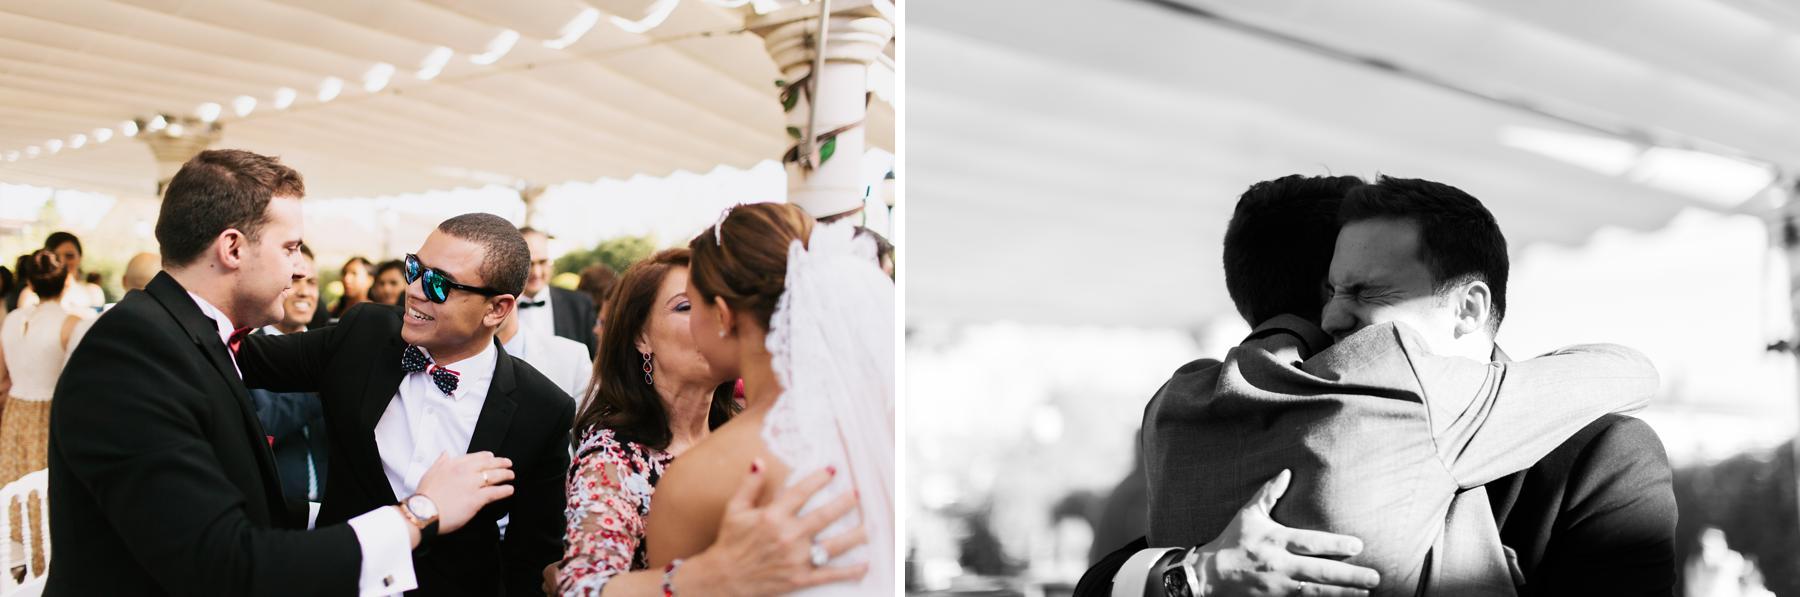 boda-jacobo-paty_0078